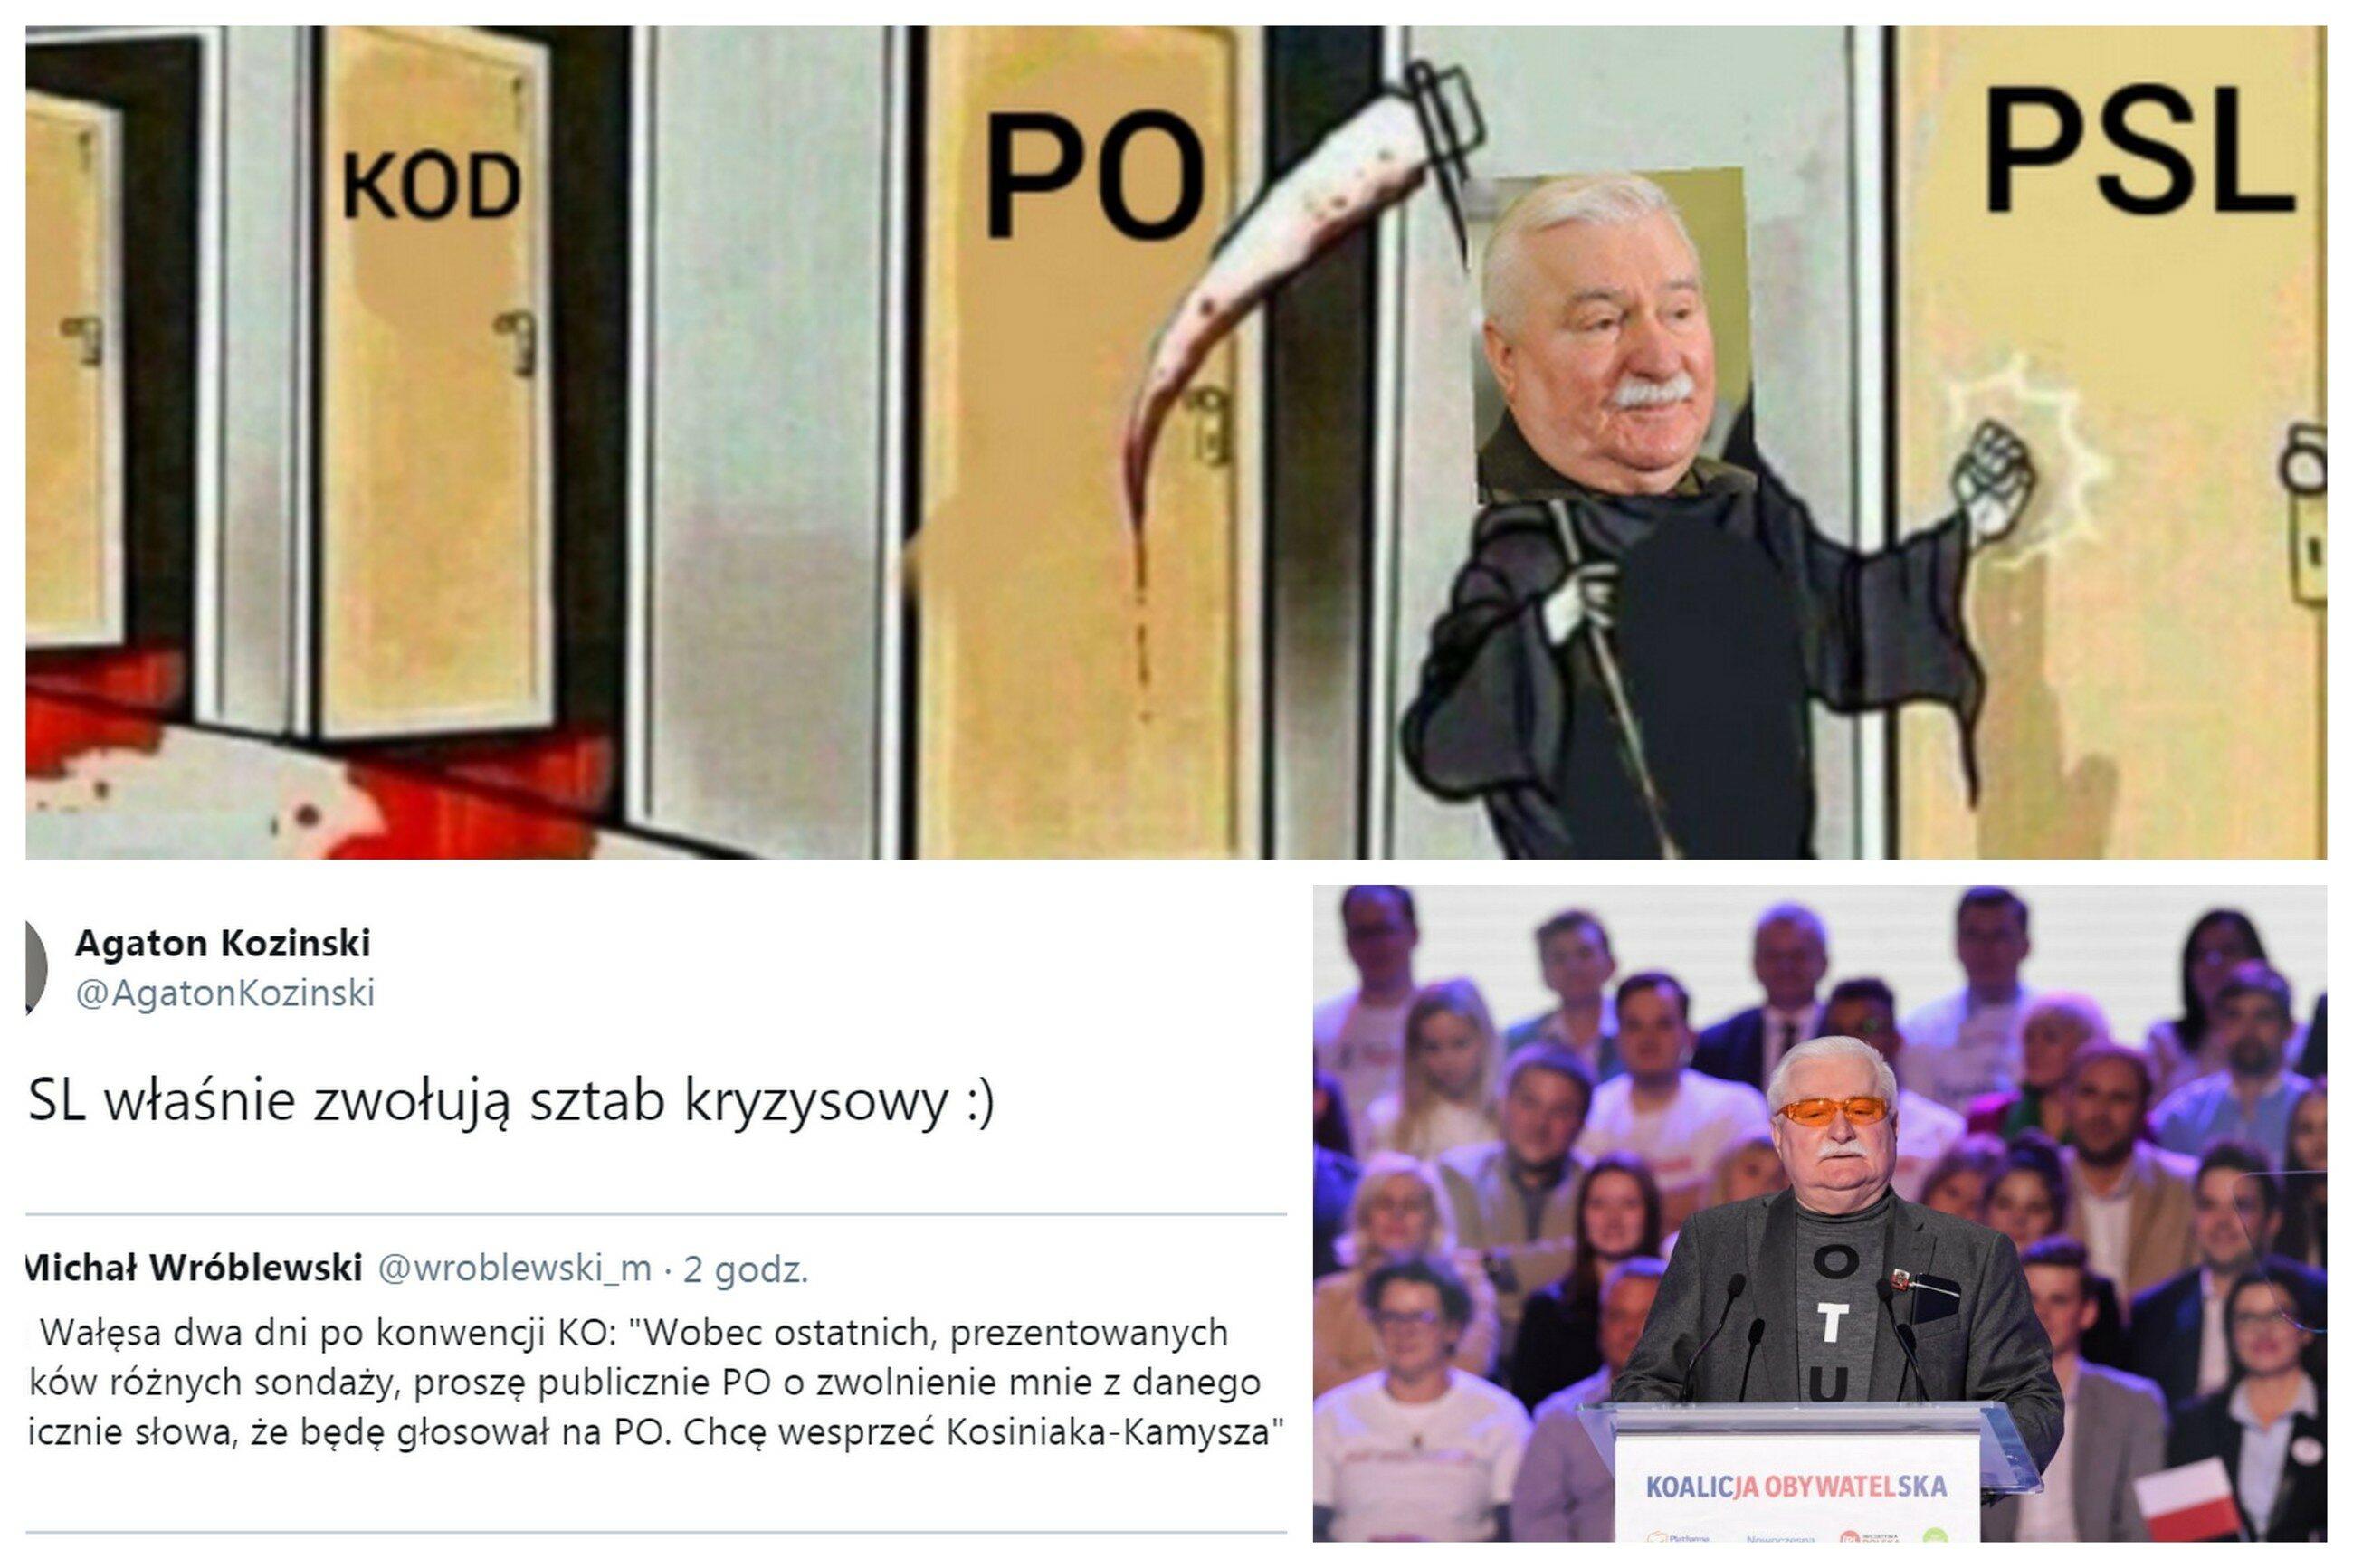 Lech Wałęsa poparł PSL